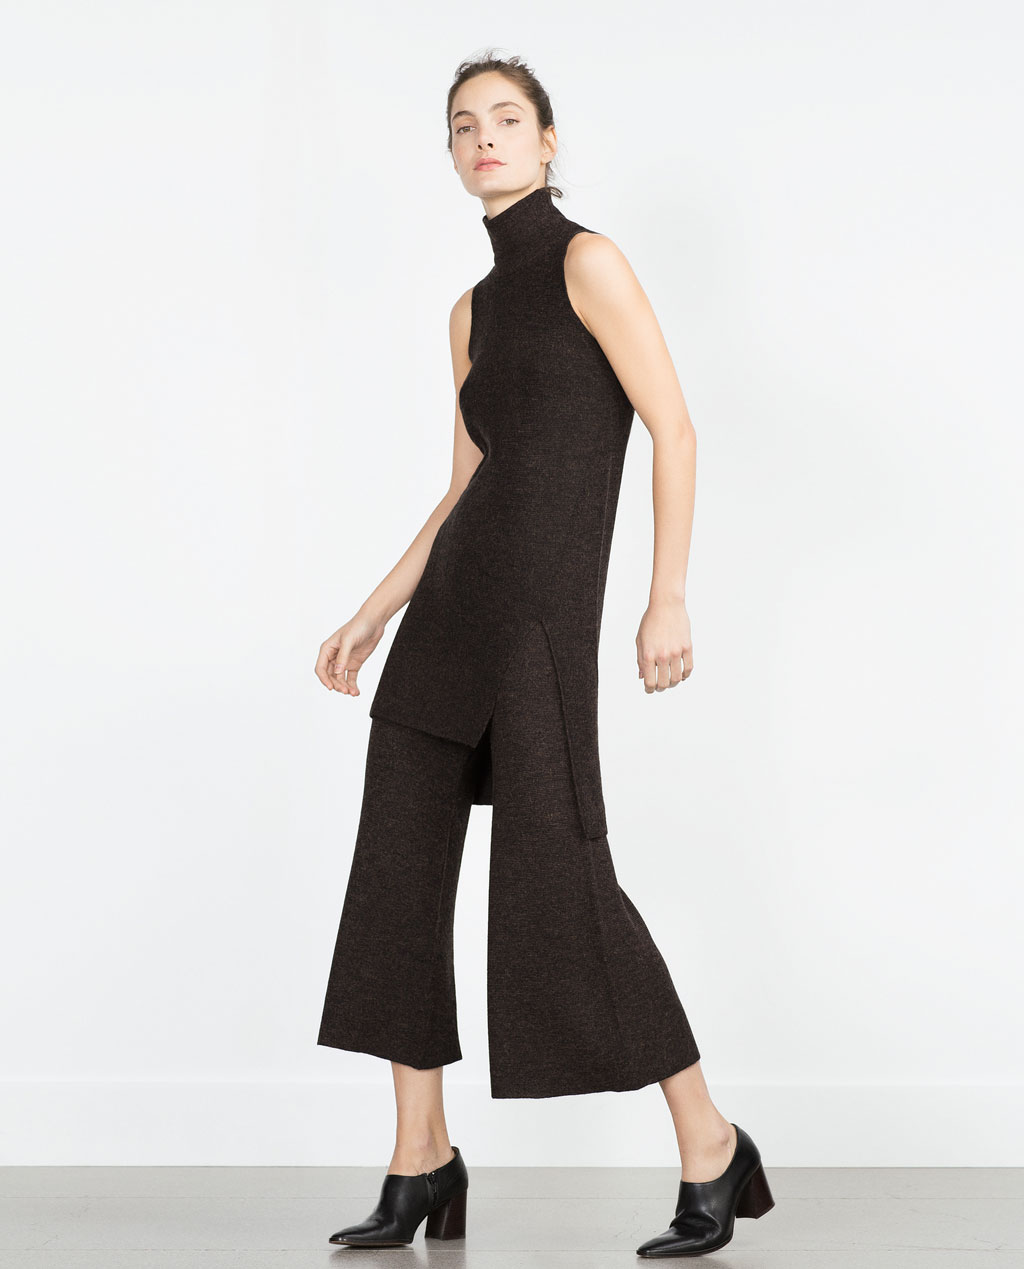 ROSE& IVY Journal Zara Picks